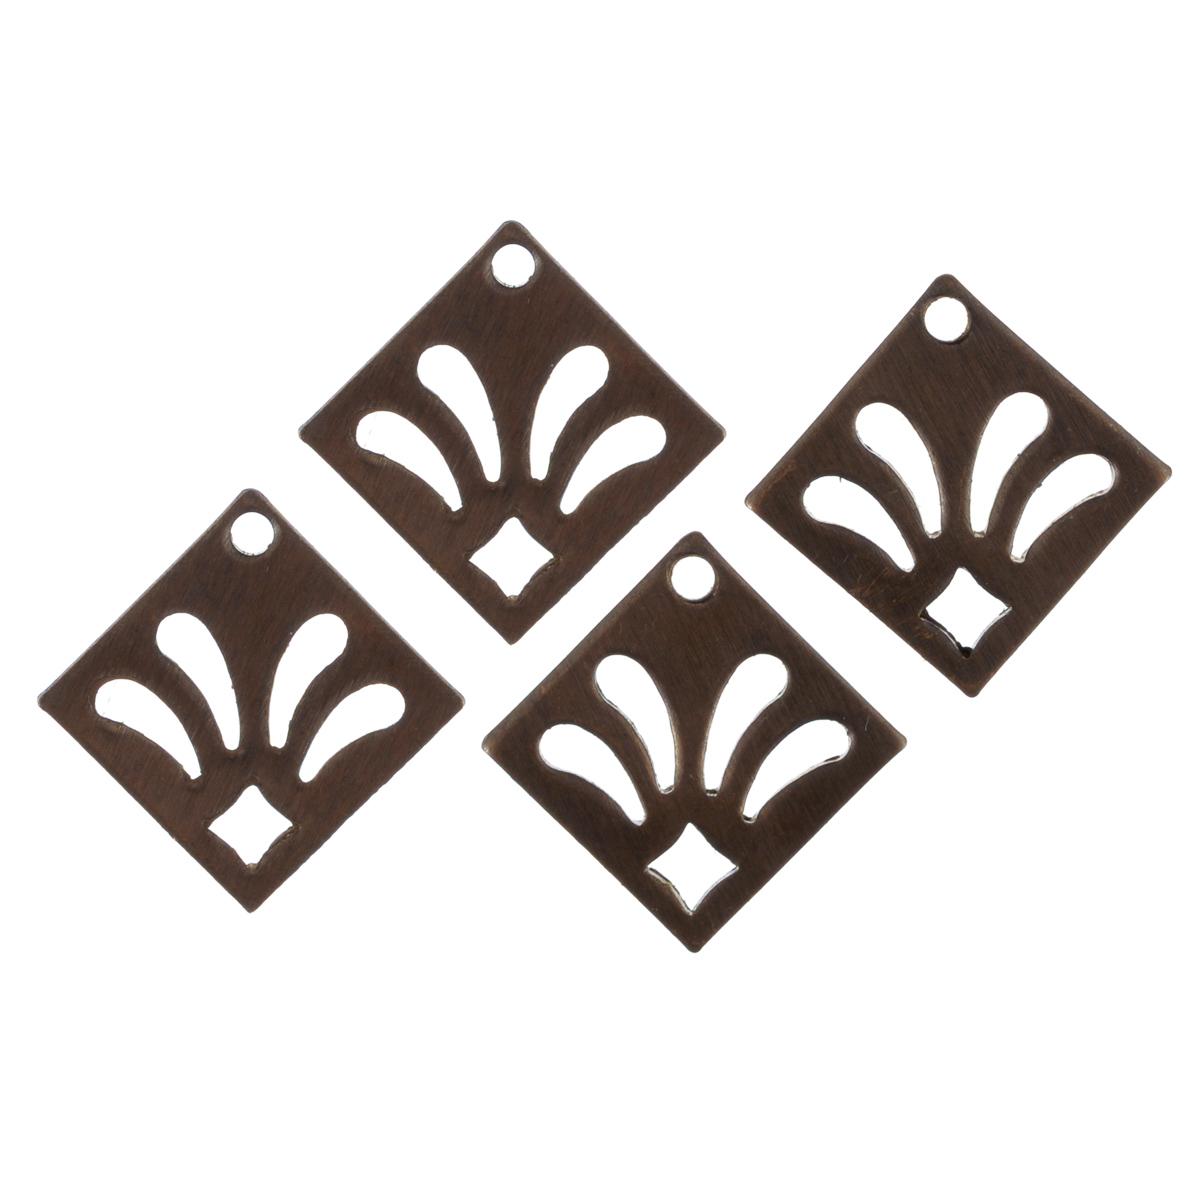 Металлическая подвеска Vintaj Лилия, 16 мм х 16 мм, 4 штDP420RRПодвески Vintaj изготовлены из металла и предназначены для декорирования в различных техниках. Подвески, отличаются прочностью и практичностью. С их помощью вы сможете украсить фотографию, альбом, одежду, подарок и другие предметы ручной работы. Изготовление украшений - занимательное хобби и реализация творческих способностей рукодельницы. Радуйте себя и своих близких украшениями, сделанными своими руками! Размер подвески: 16 мм х 16 мм.